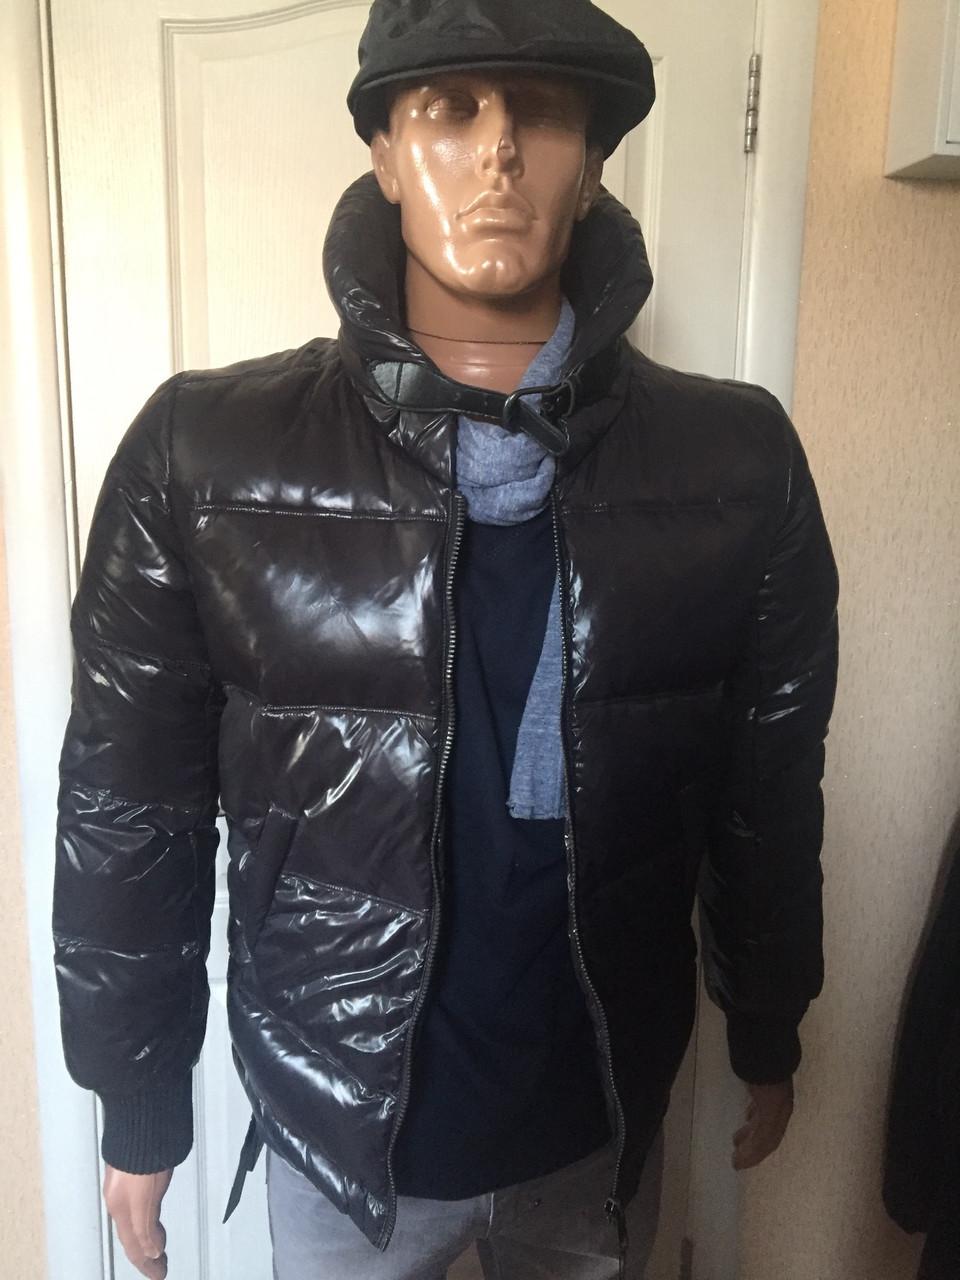 fd0274bf7ef5 Мужская зимняя куртка-пуховик Antony Morato, Италия - Интернет -магазин  женской и мужской